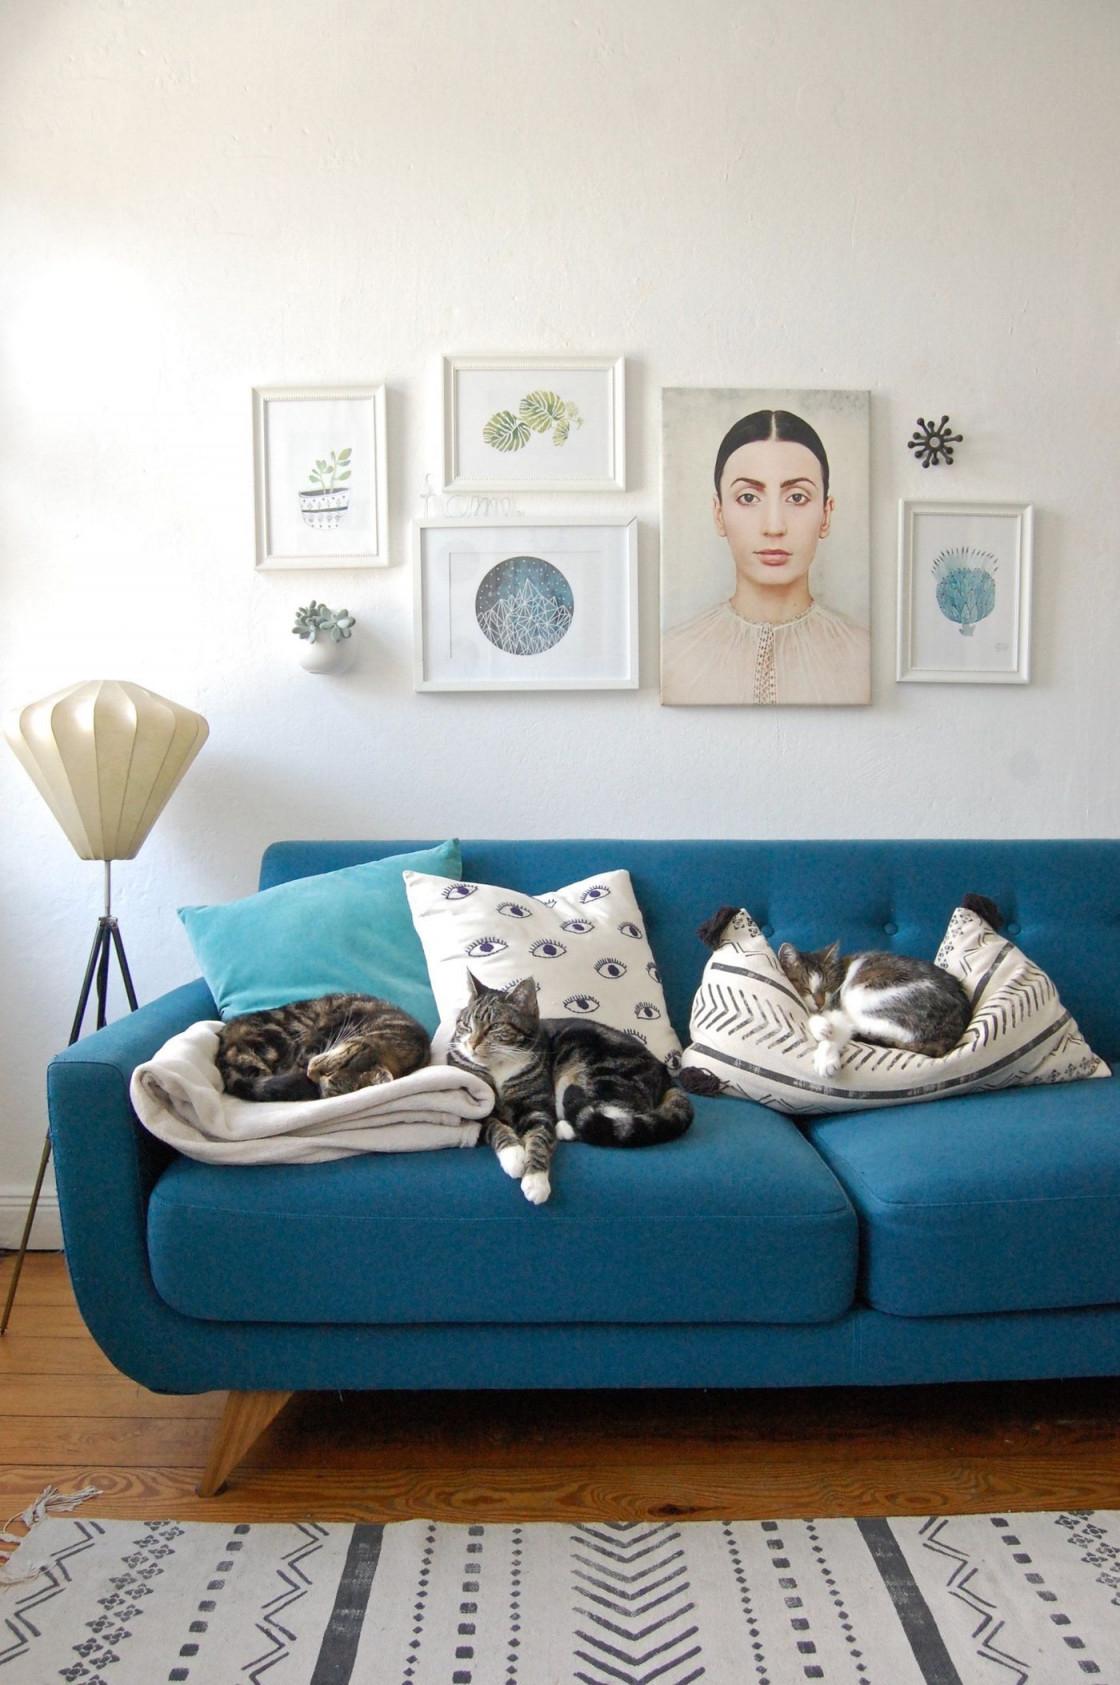 Bilderrahmen Anordnen 5 Einfache Aber Wirkungsvolle Ideen von Bilder Anordnen Wohnzimmer Photo